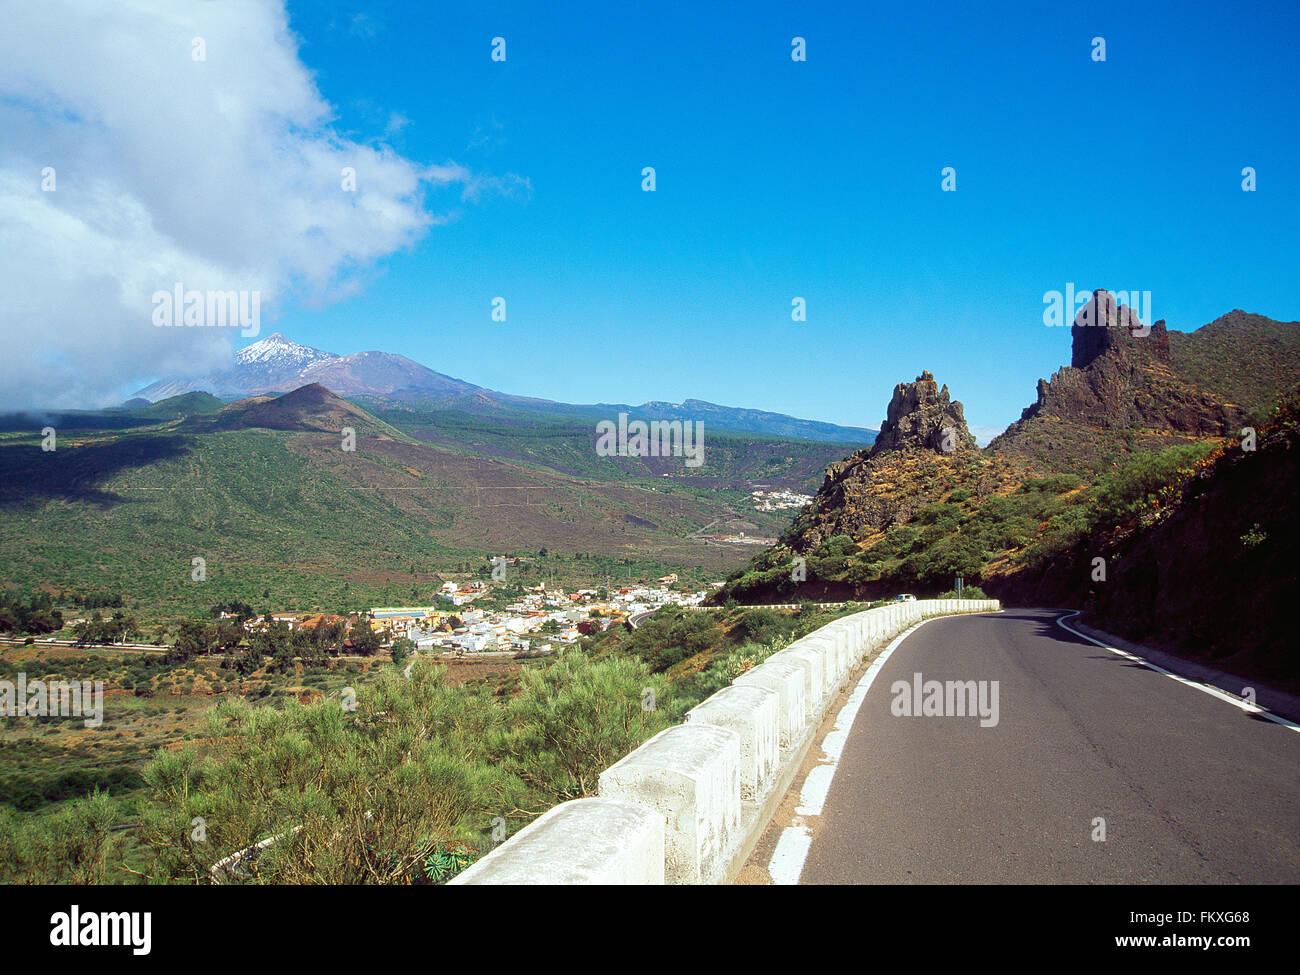 Straße nach Santiago del Teide und Teide-Gipfel. Teneriffa Insel, Kanarische Inseln, Spanien. Stockbild